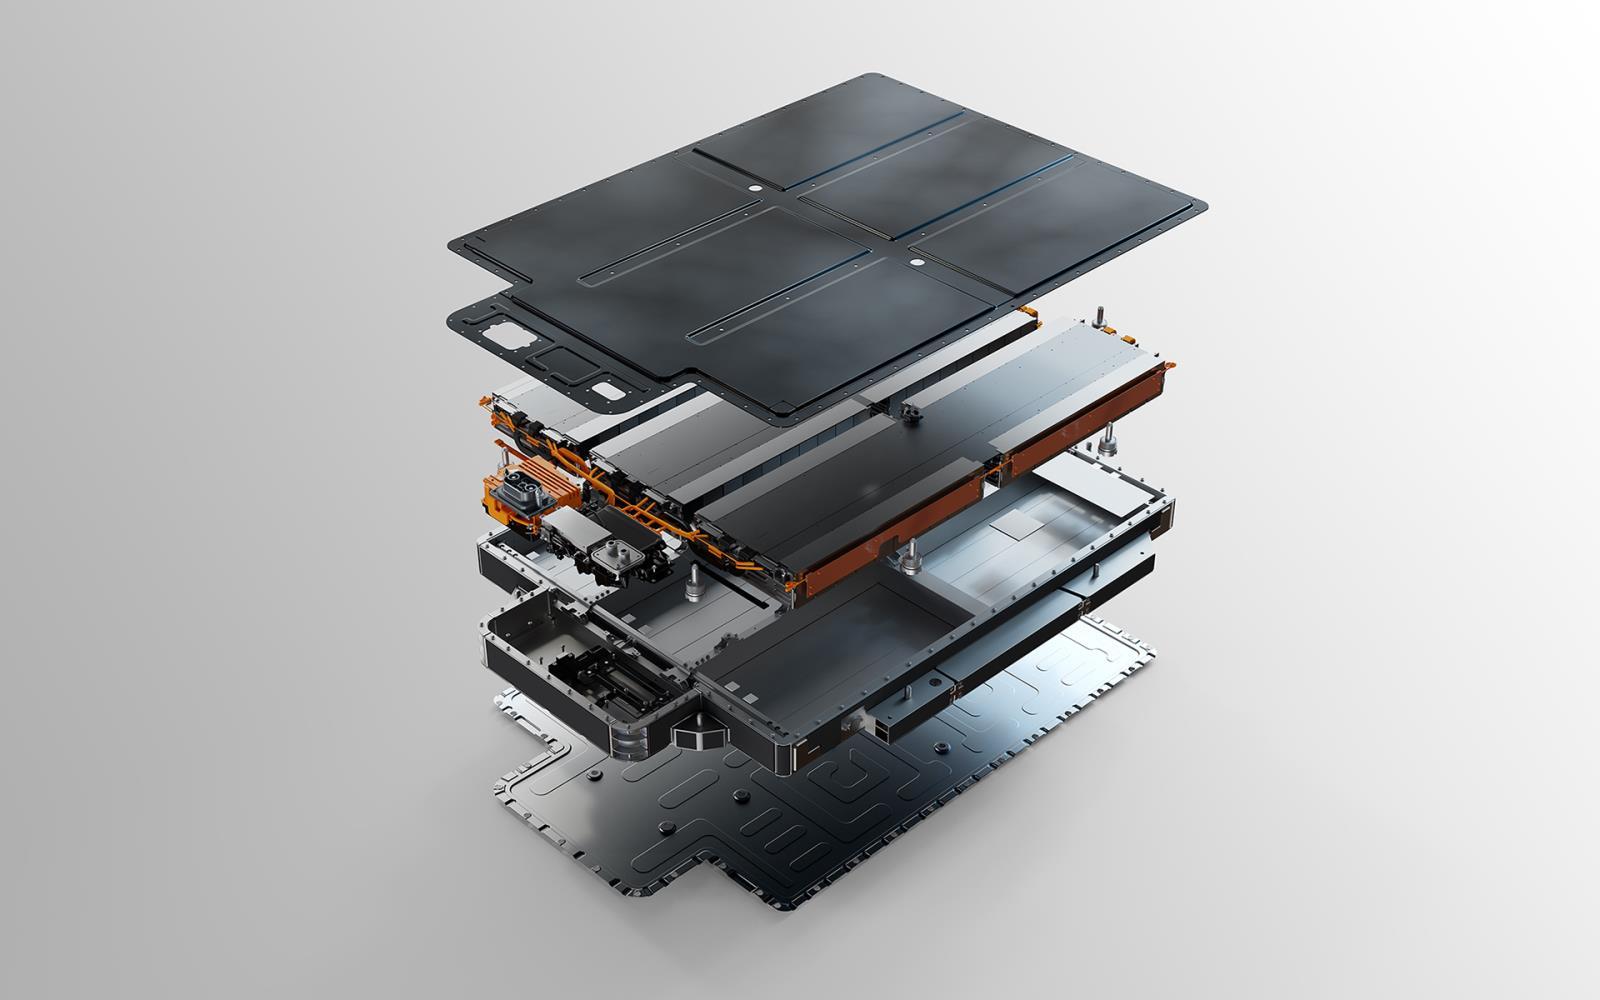 蔚来发布全新75kWh三元铁锂电池包 全球首创/预计11月开始交付